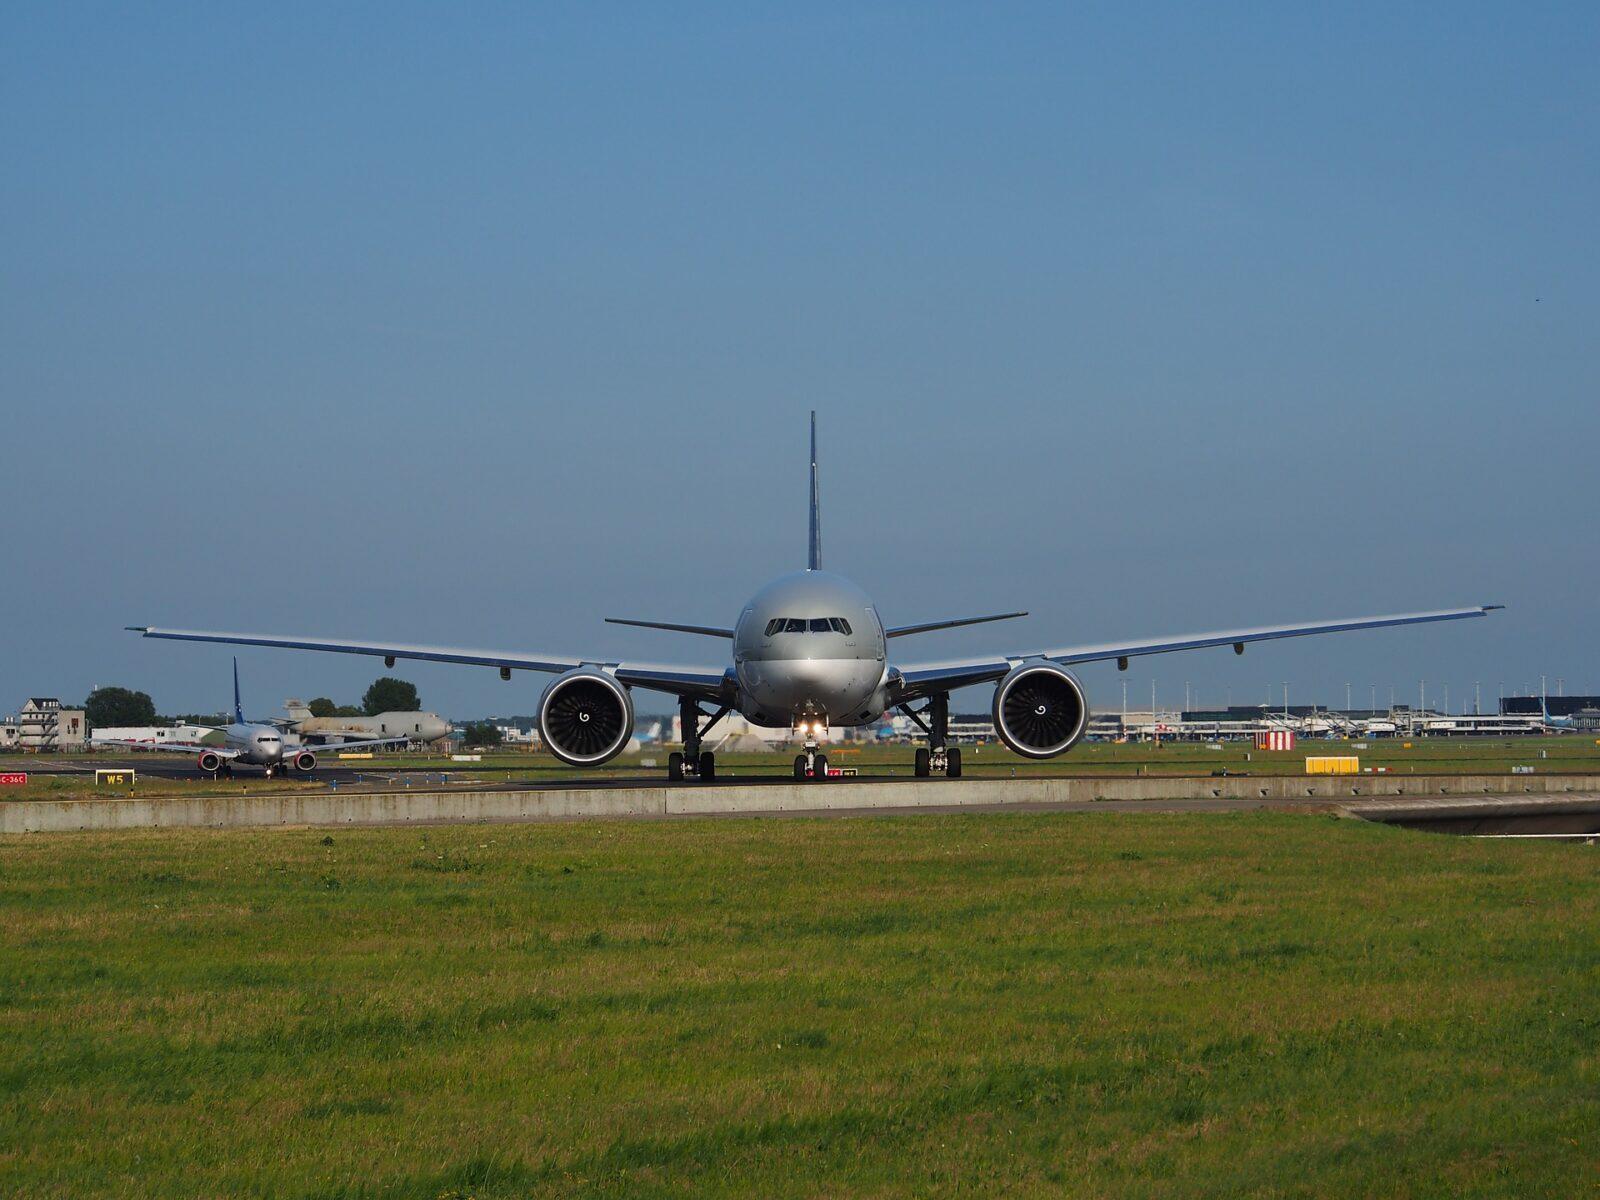 Gewinnspiel: 2x Tickets mit Qatar Airways